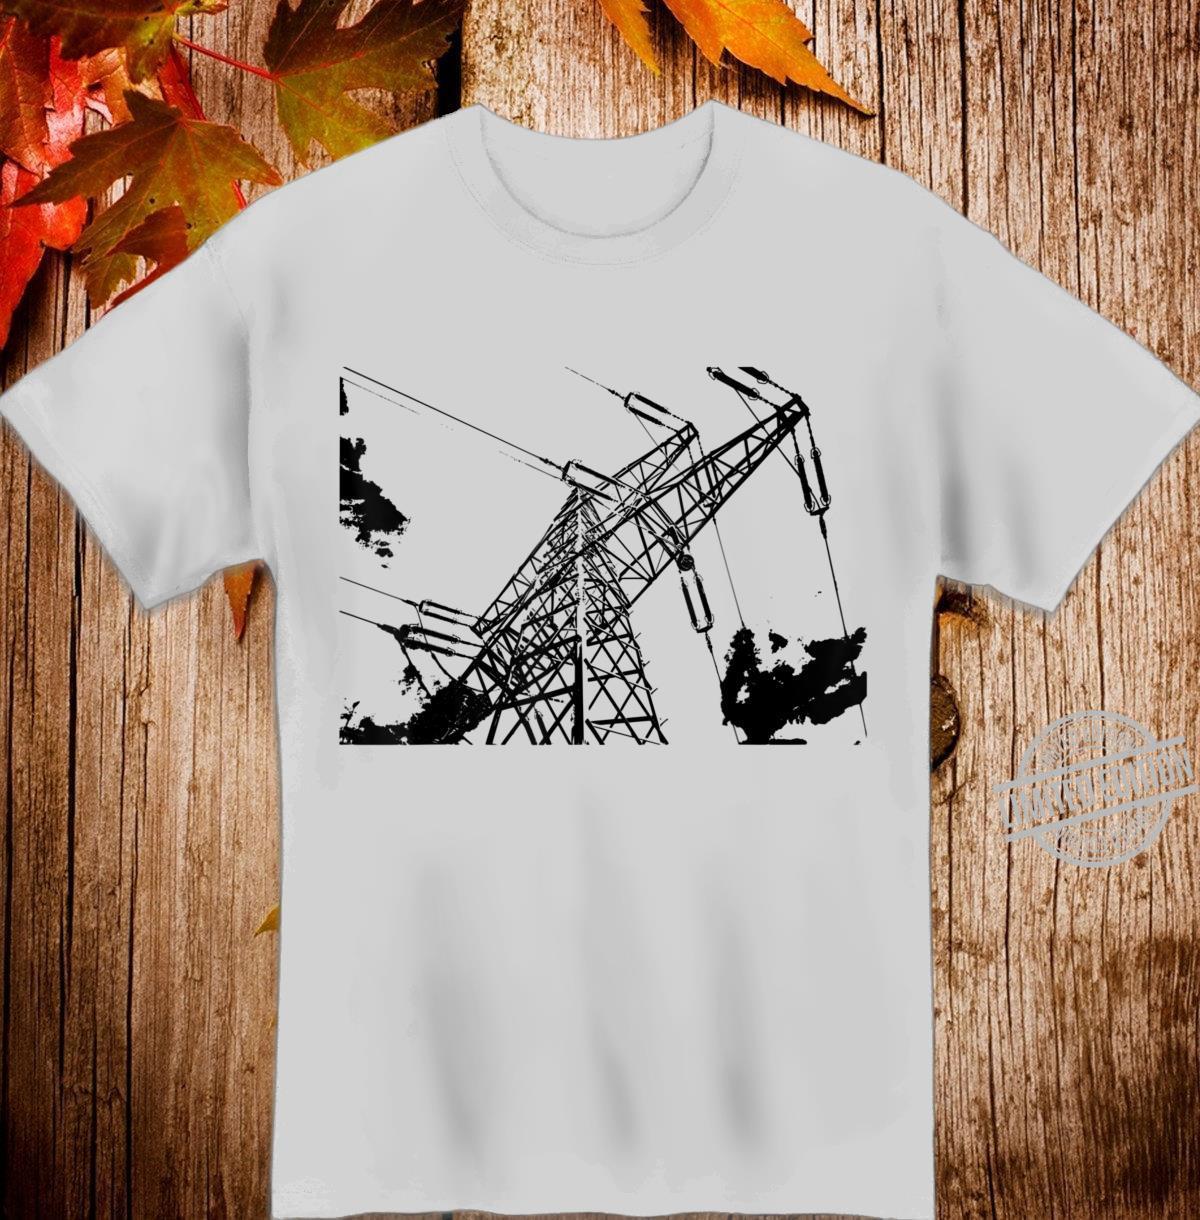 Strommast Freileitungsmast Strom Shirt